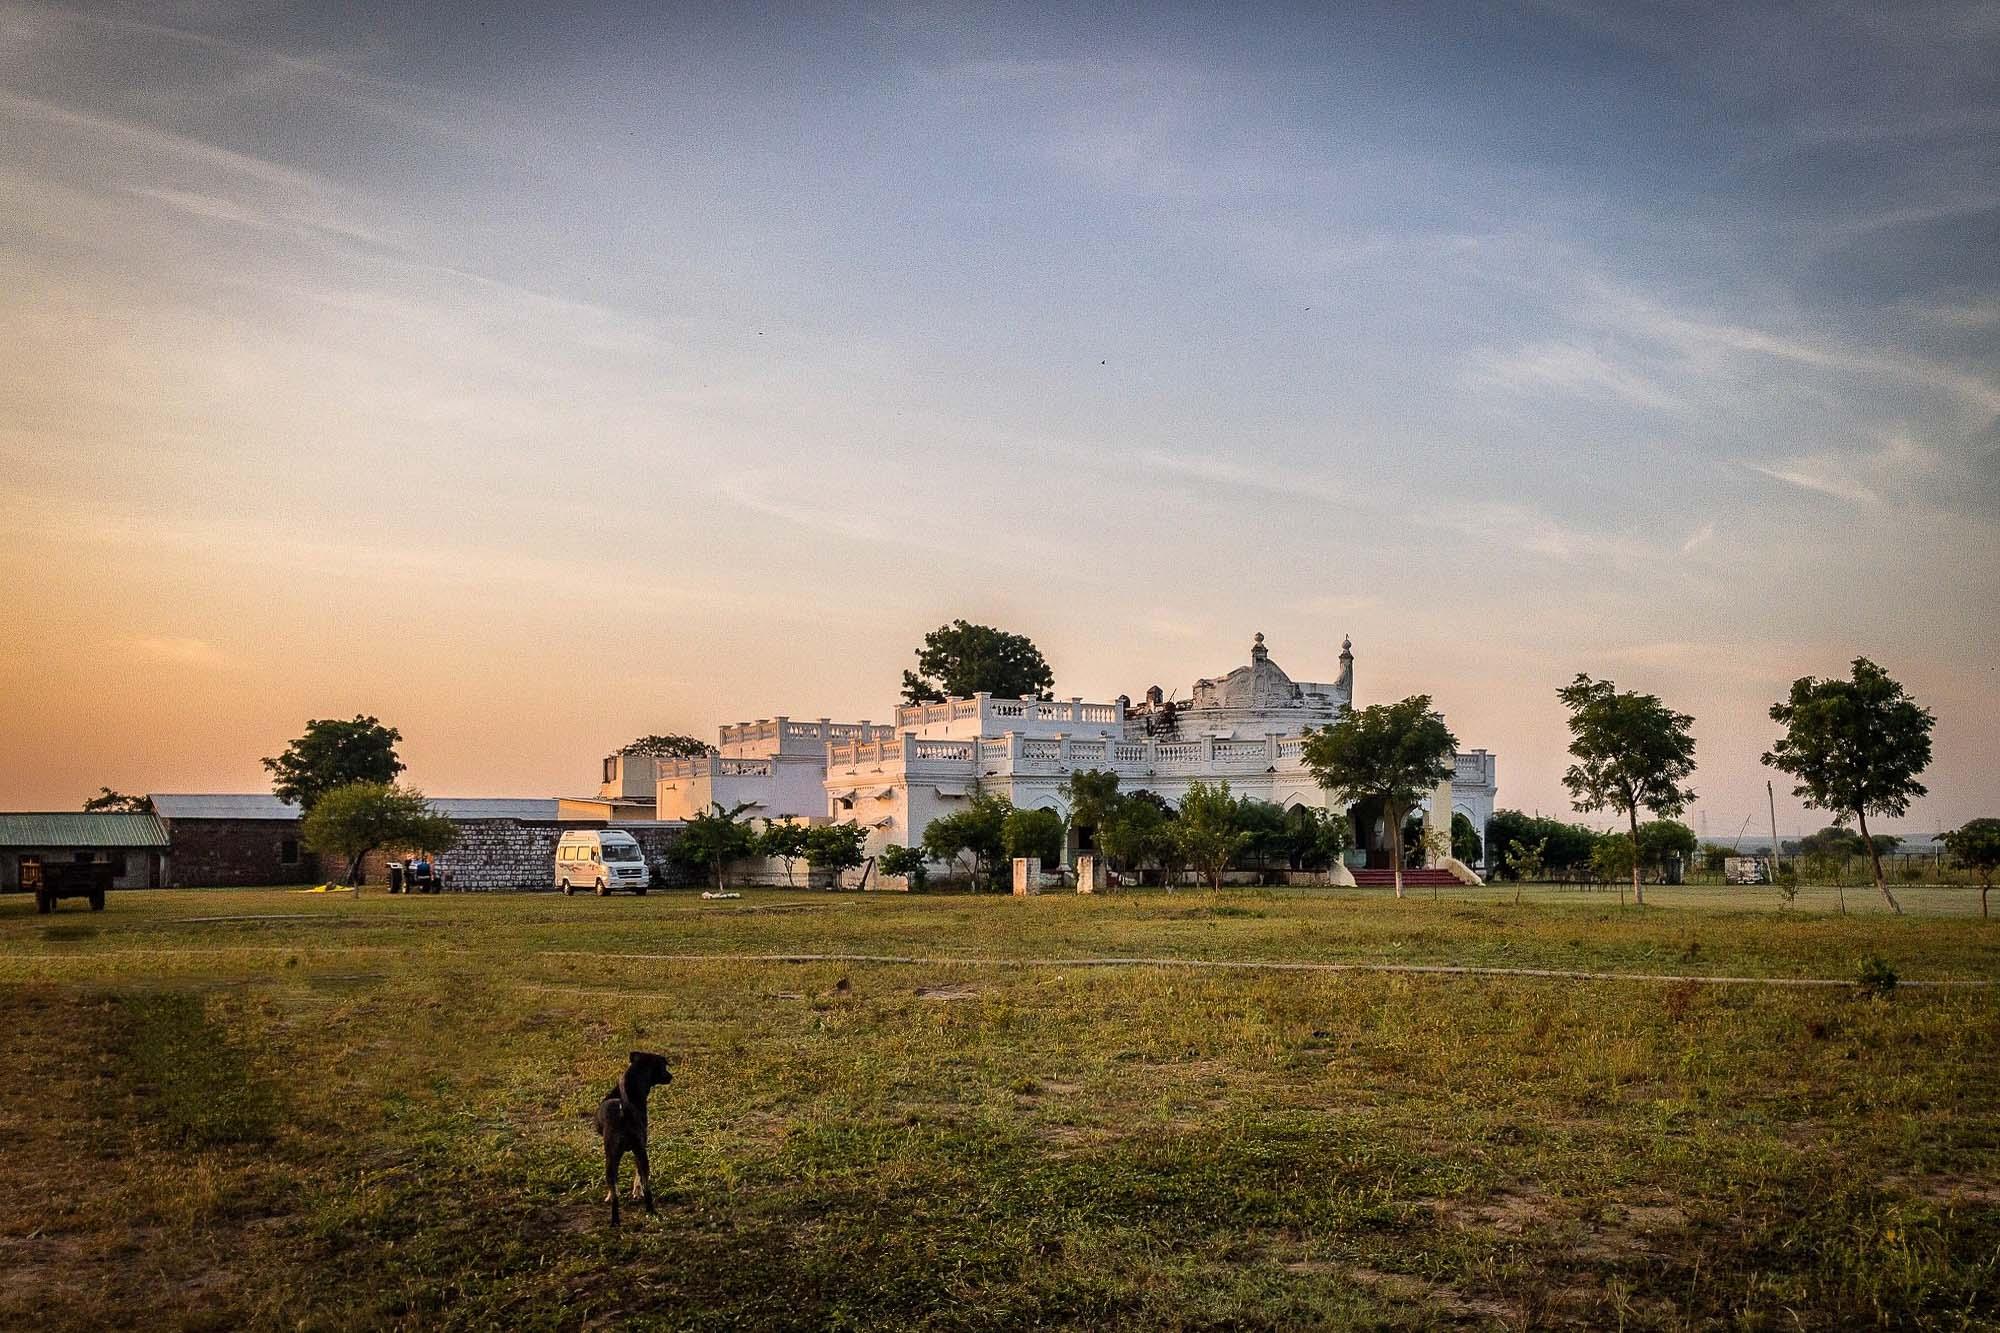 The Aaram Bagh Resort